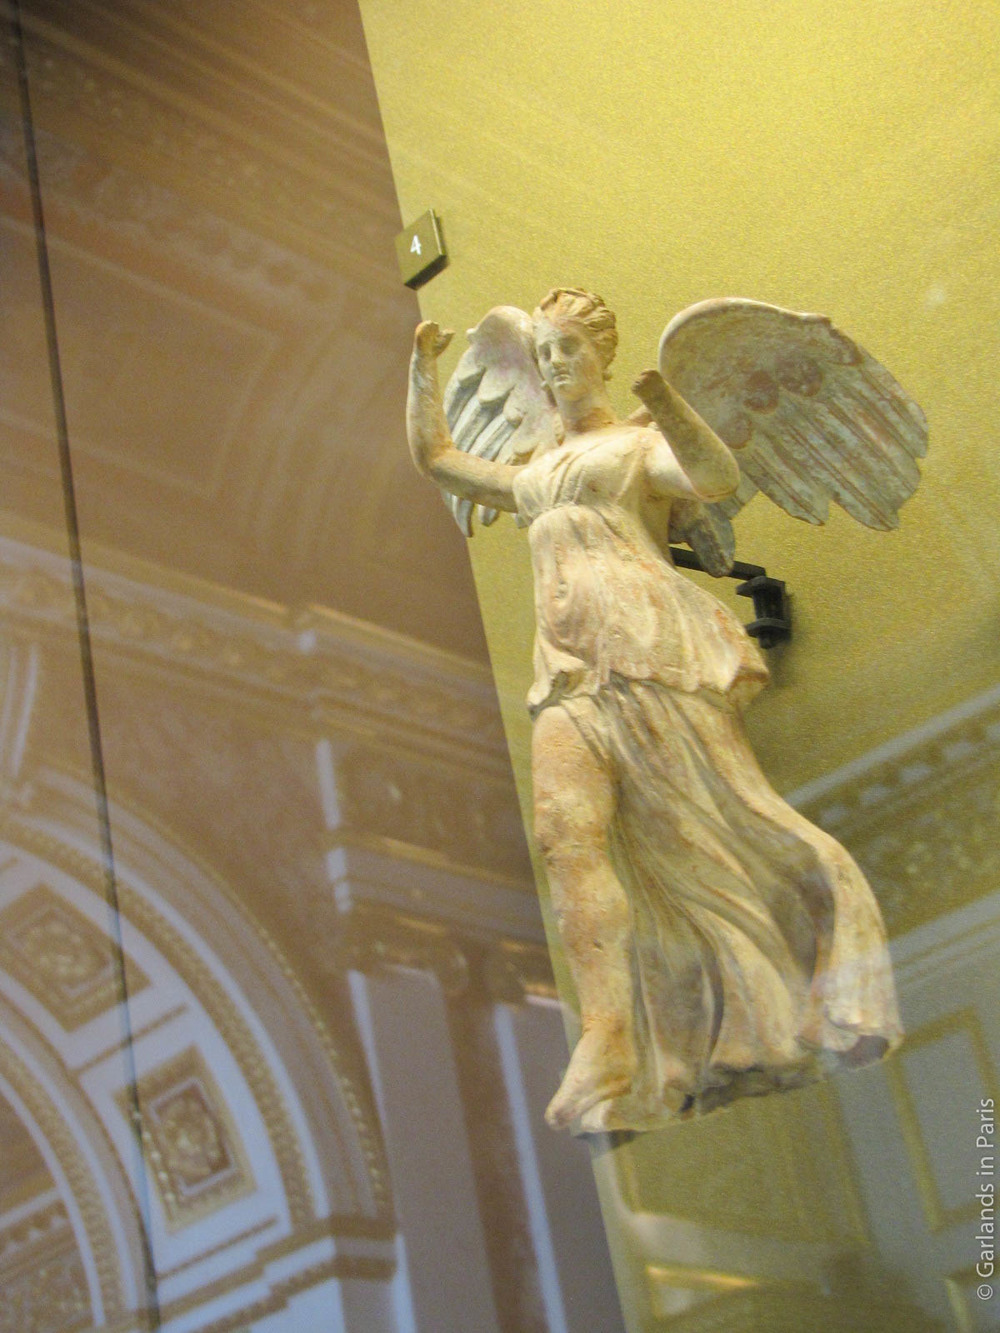 Greek statues, Musée du Louvre, Paris